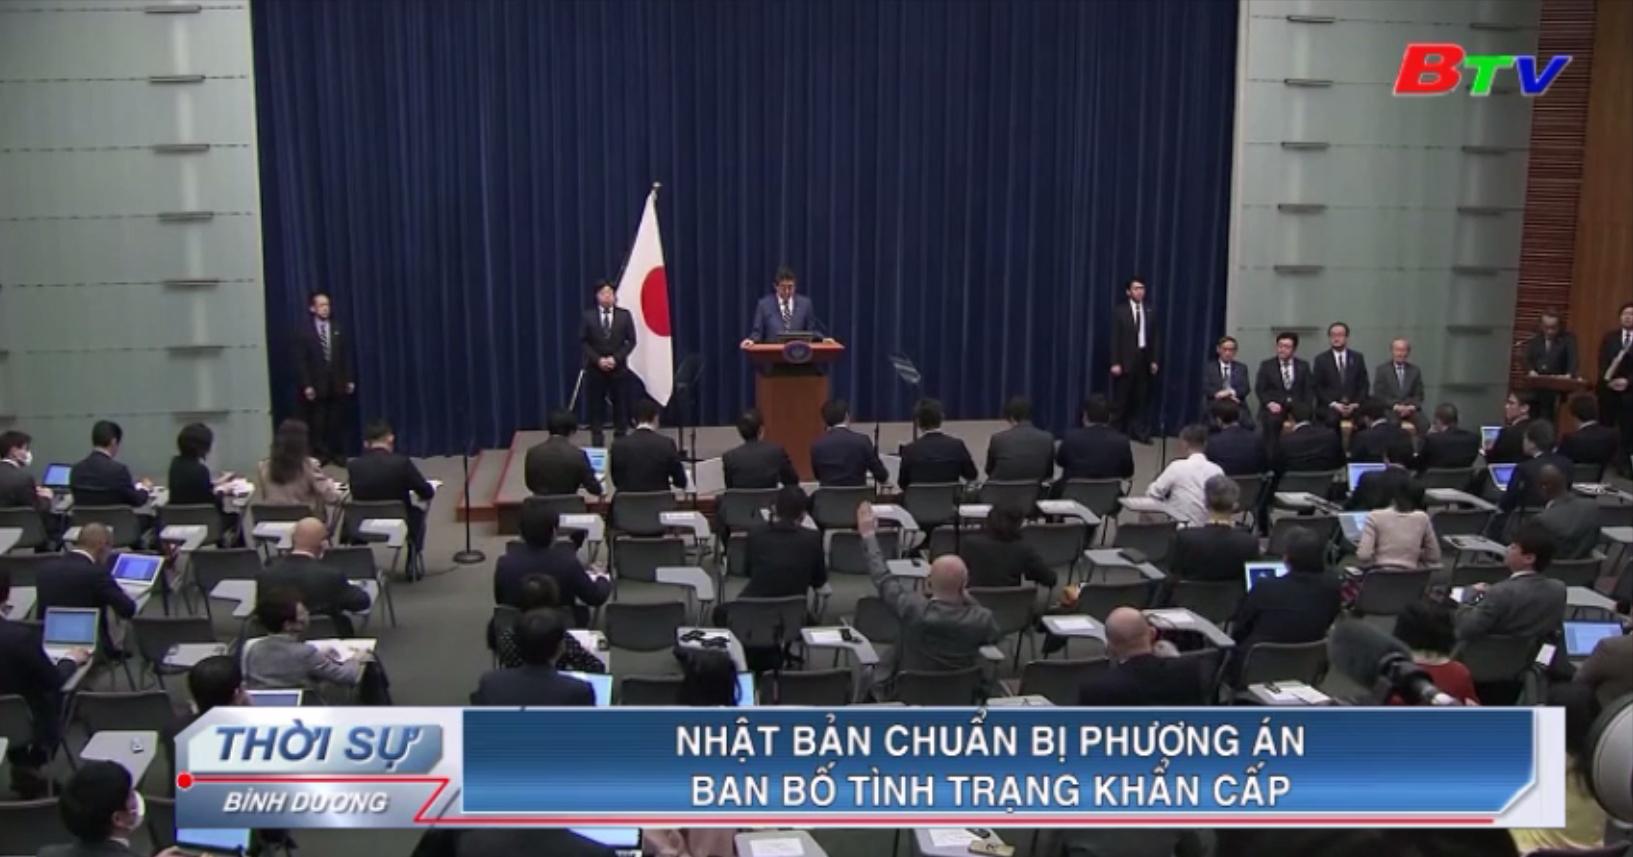 Nhật Bản chuẩn bị phương án ban bố tình trạng khẩn cấp